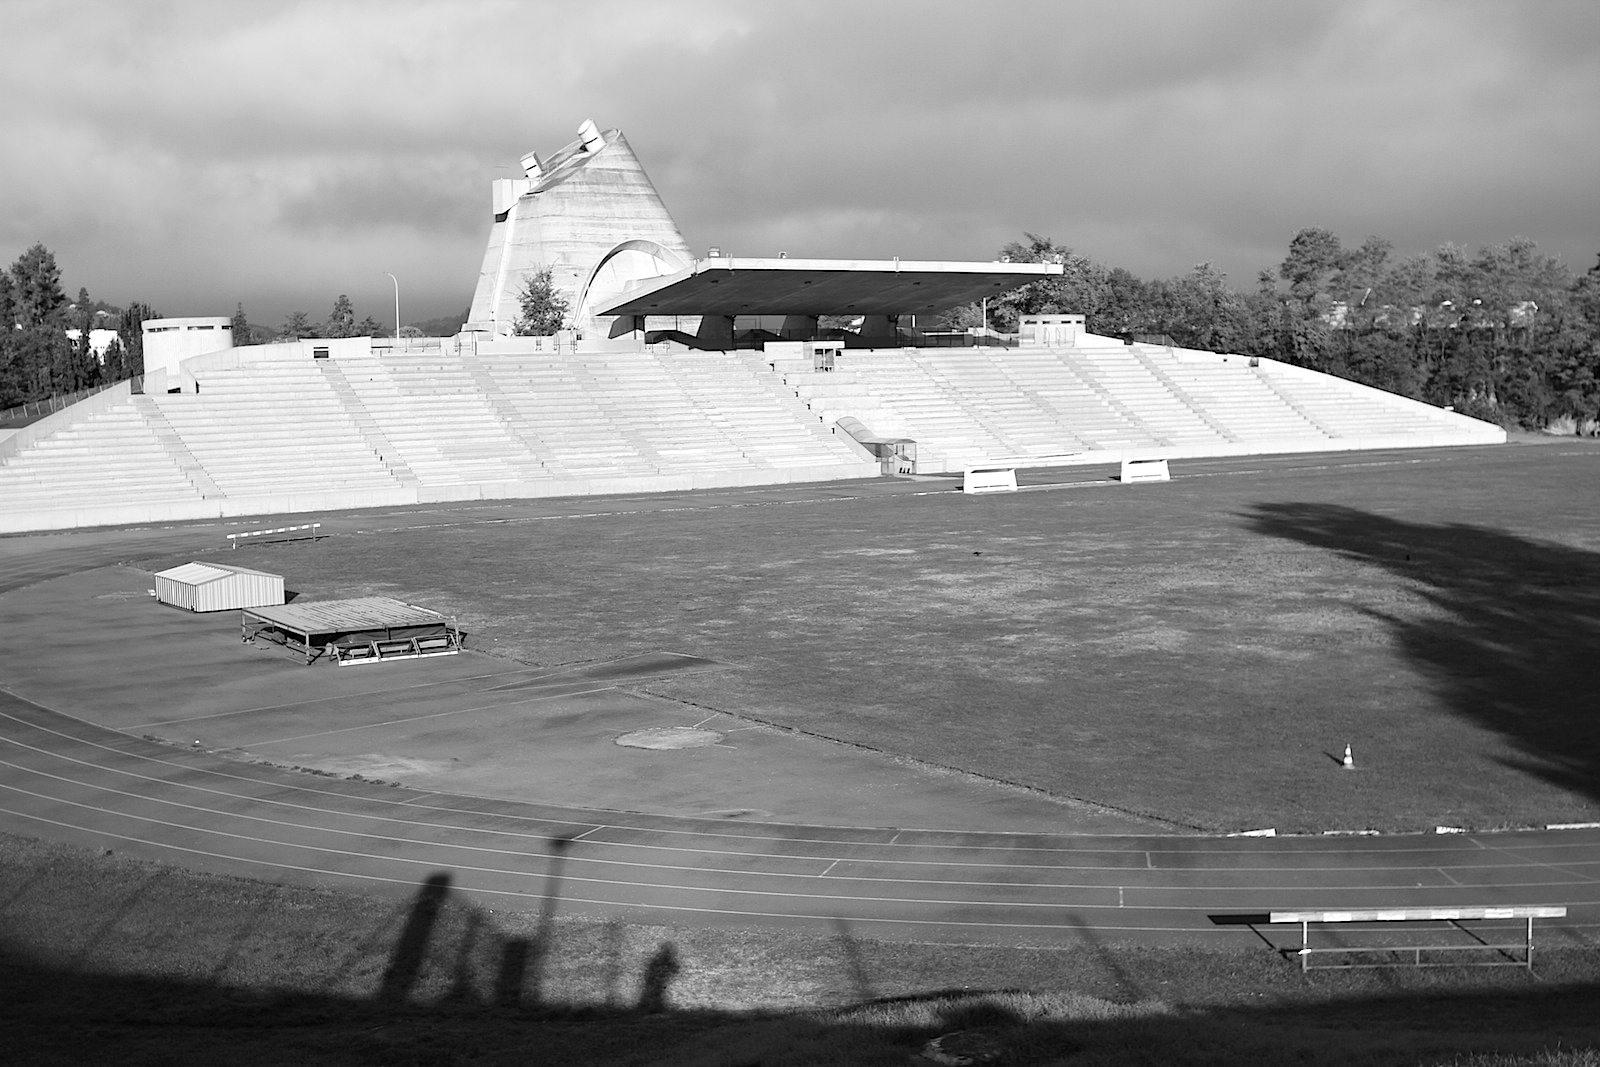 Stadion. Das 1968 fertigestellte Stadion und das Kulturzentrum rahmen die Sportstätte ein. Als zentraler, vertikaler Bezugspunkt steht hinter den Rängen die Église Saint Pierre.